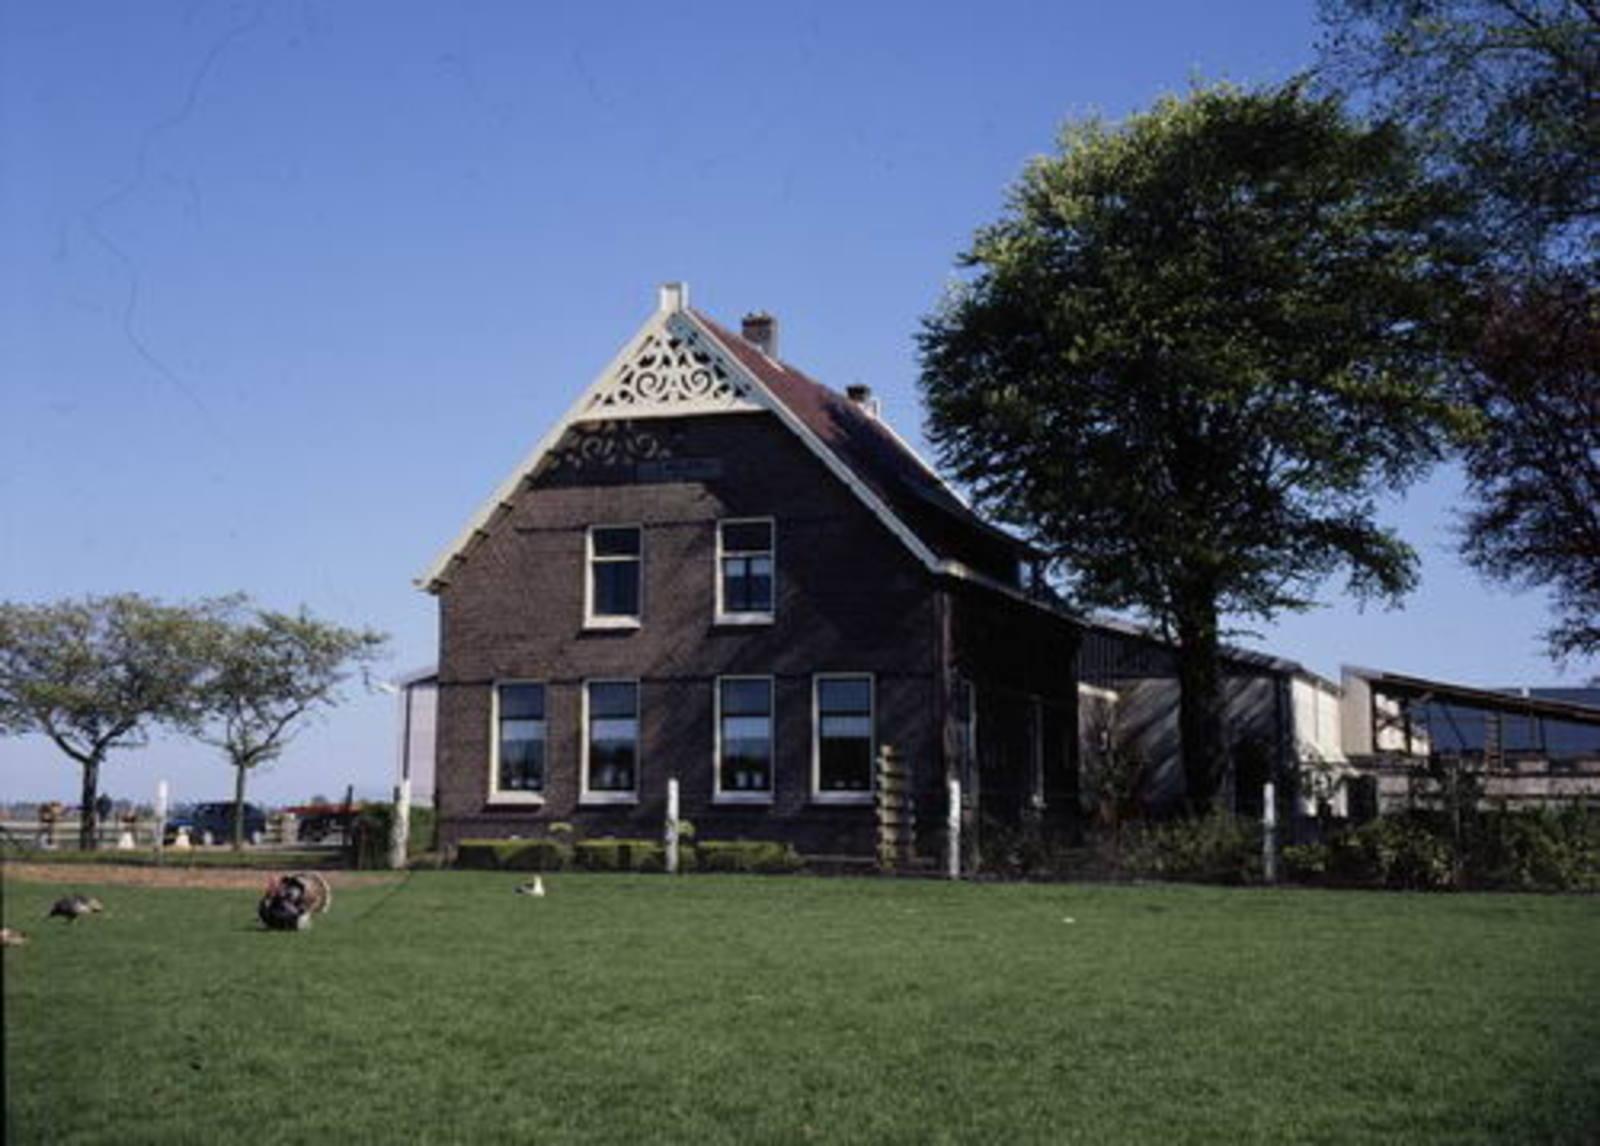 Hillegommerdijk 0395 1999 boerderij Parlevliet